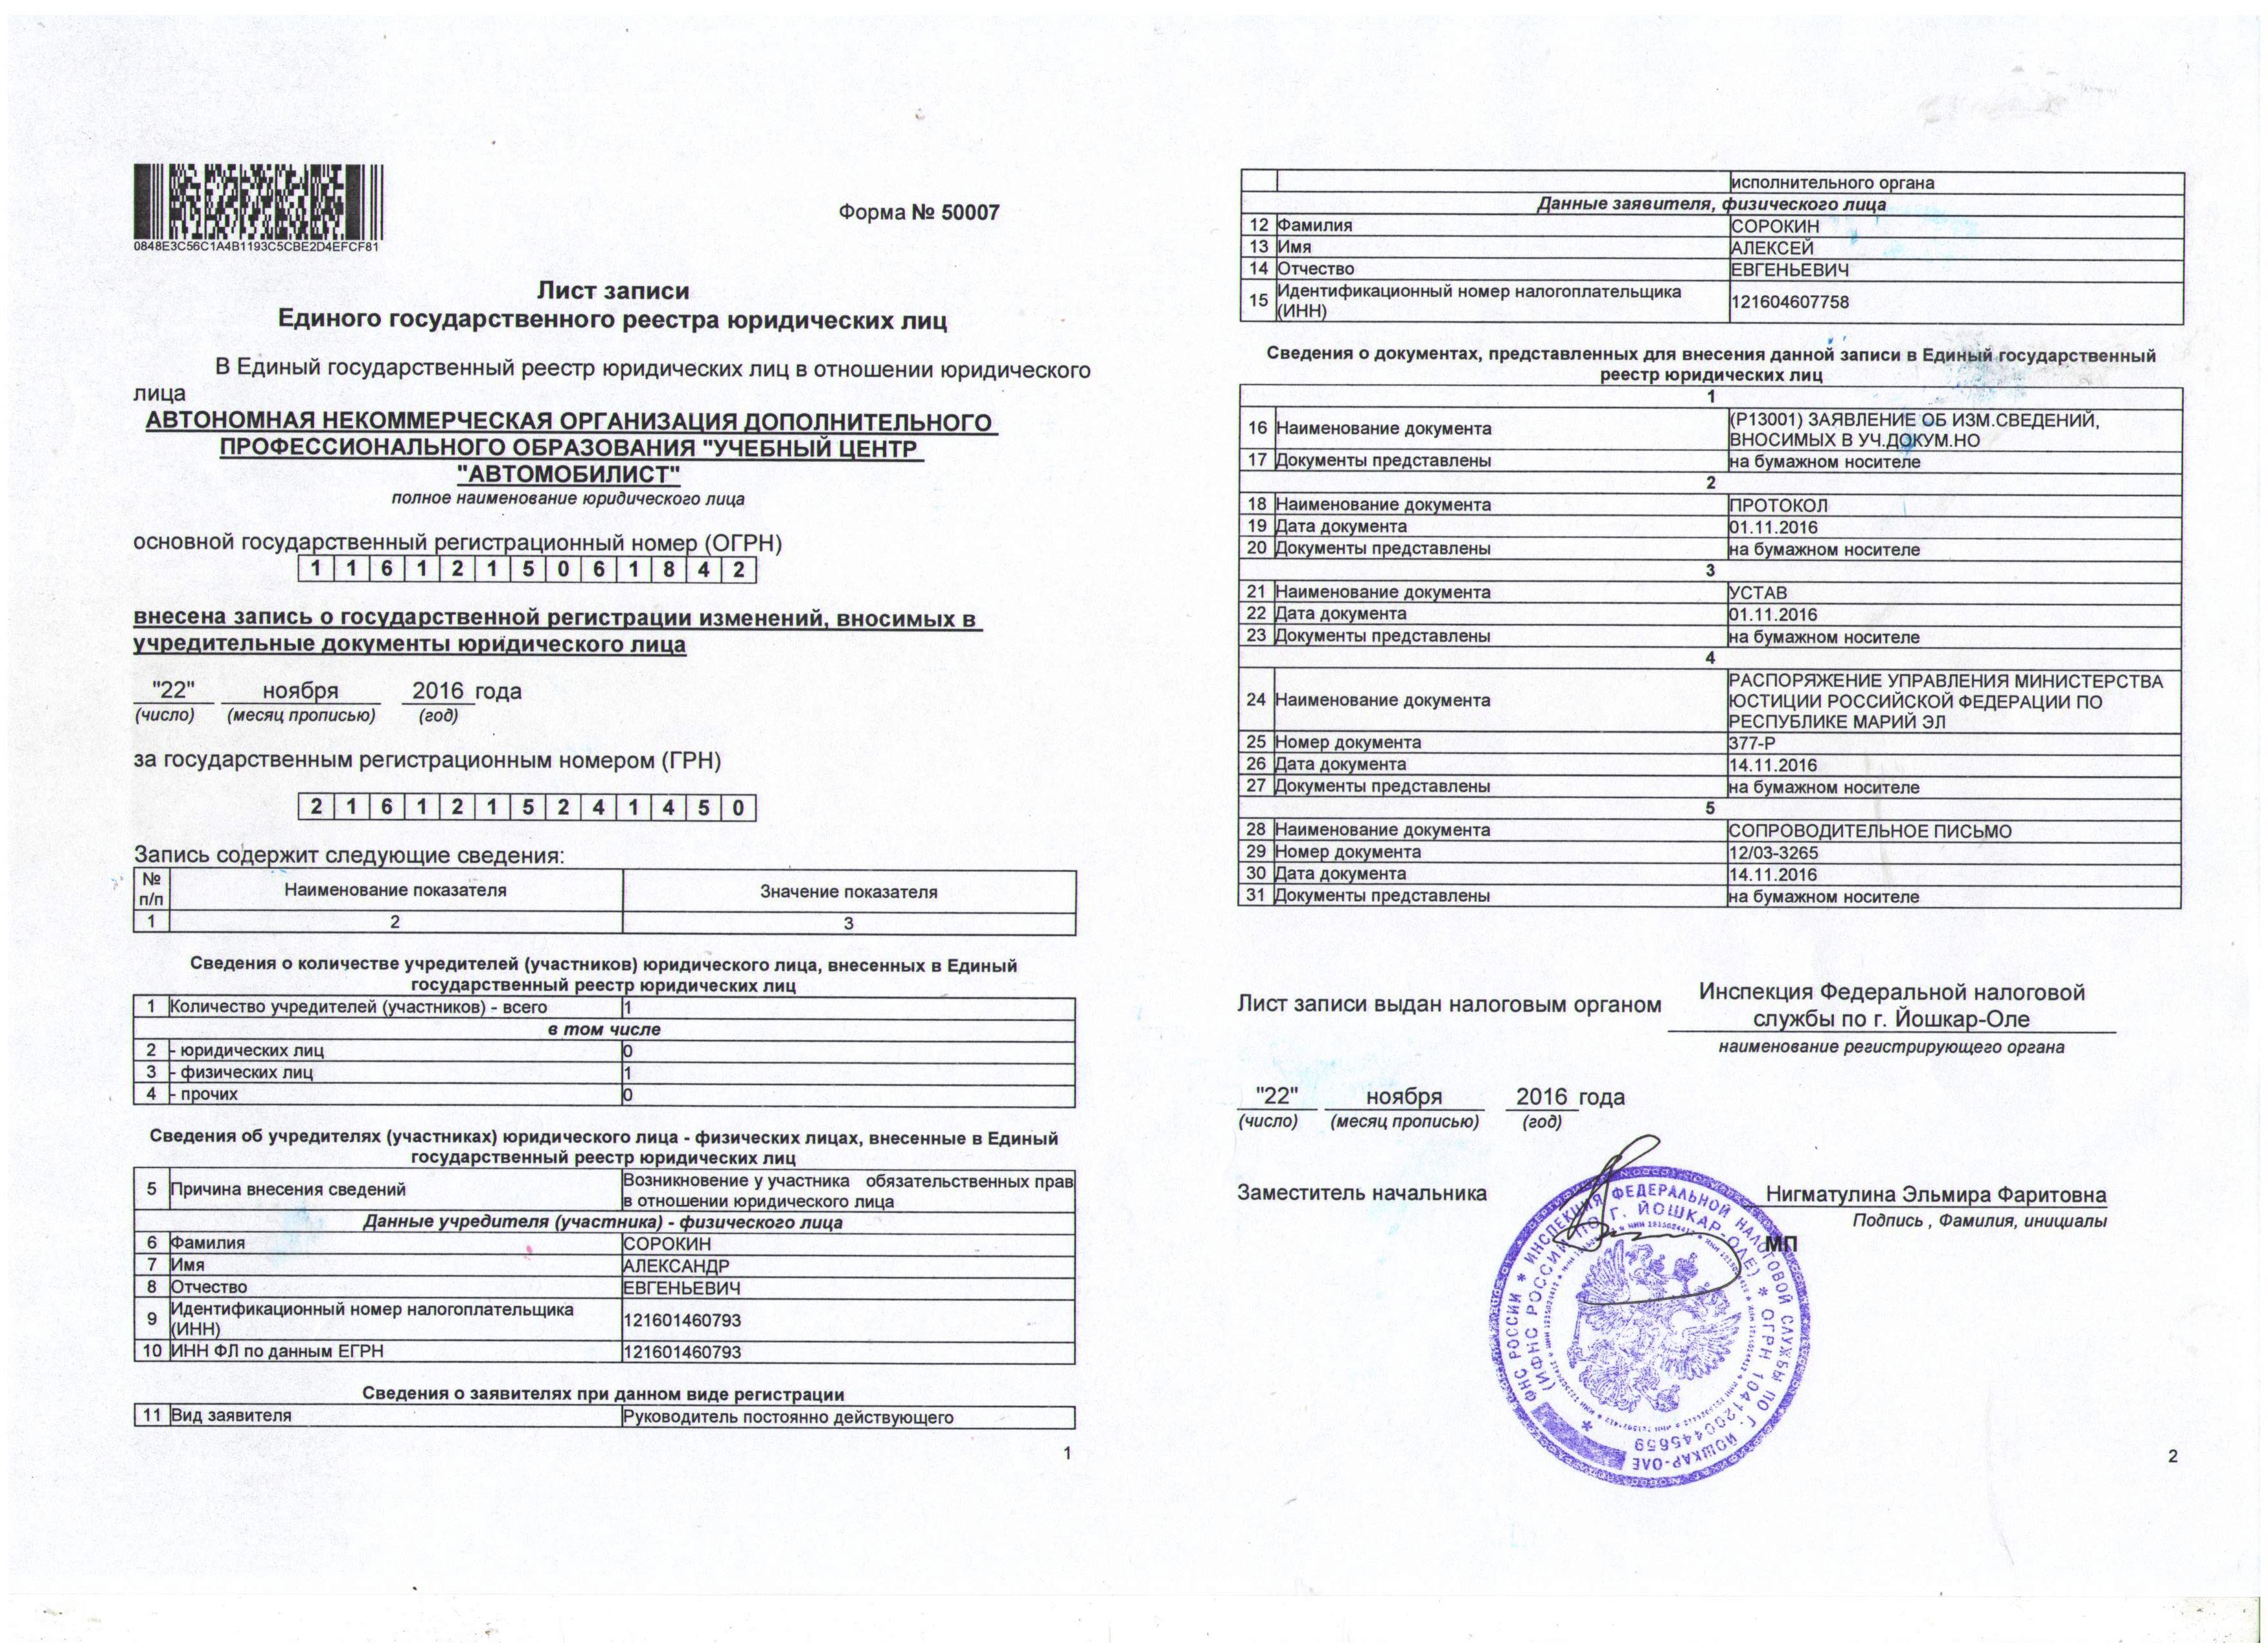 ЛИСТ записи в ЕГРЮЛ (АНО)